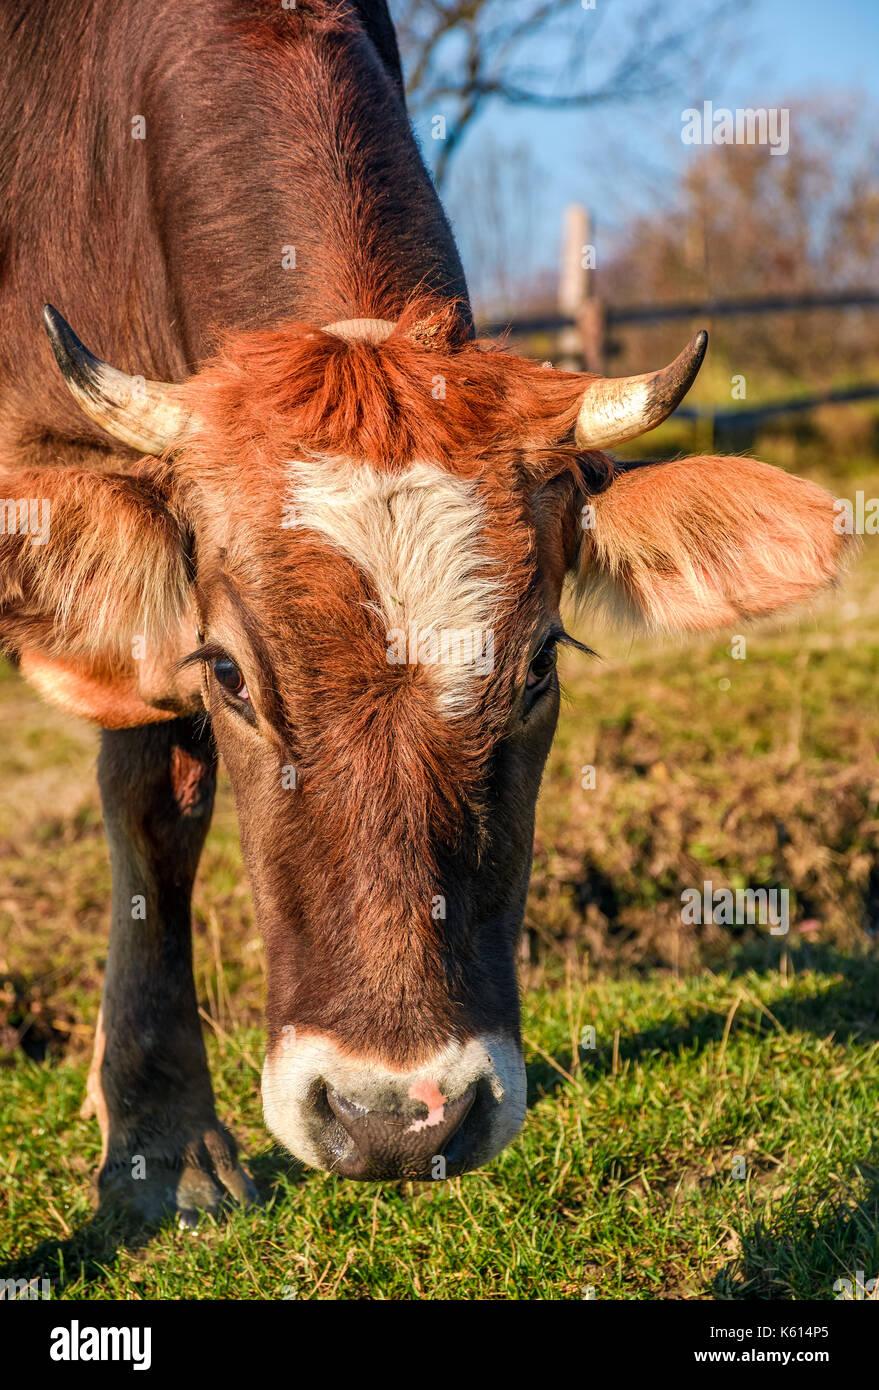 Ritratto di rufous mucca in mattina autunnale luce. incantevole episodio quotidiano di vita rurale Immagini Stock